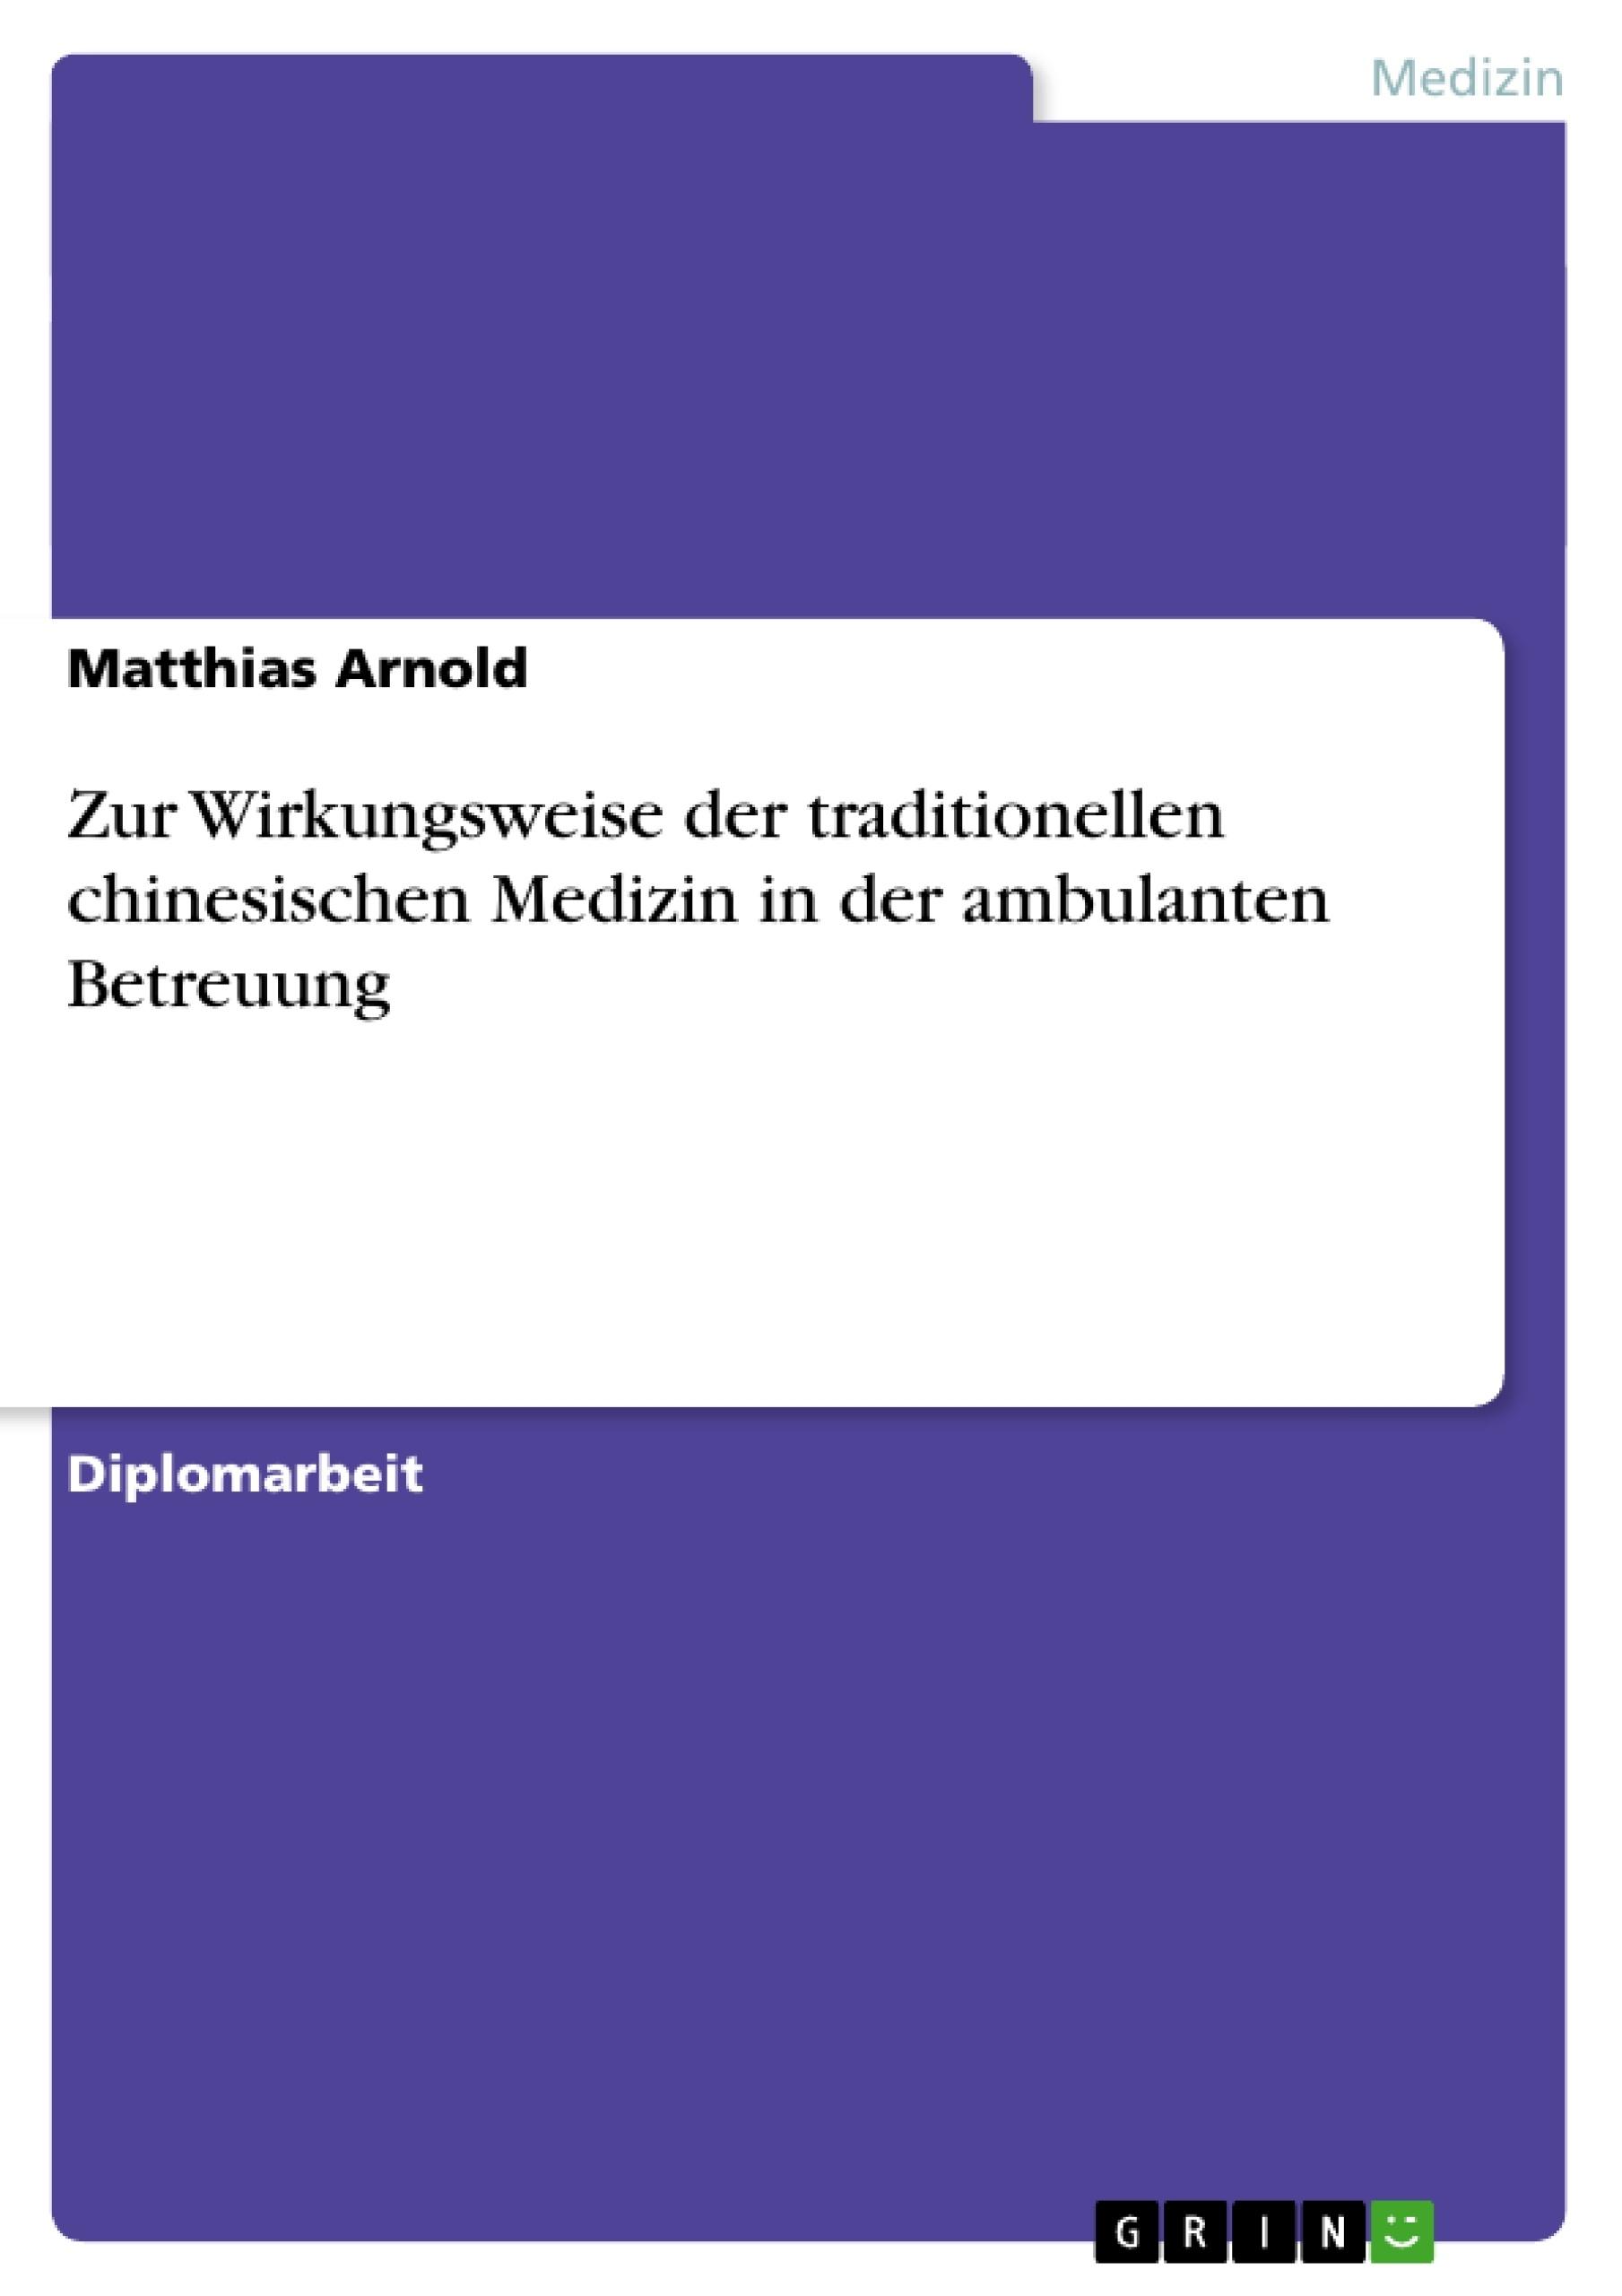 Titel: Zur Wirkungsweise der traditionellen chinesischen Medizin in der ambulanten Betreuung